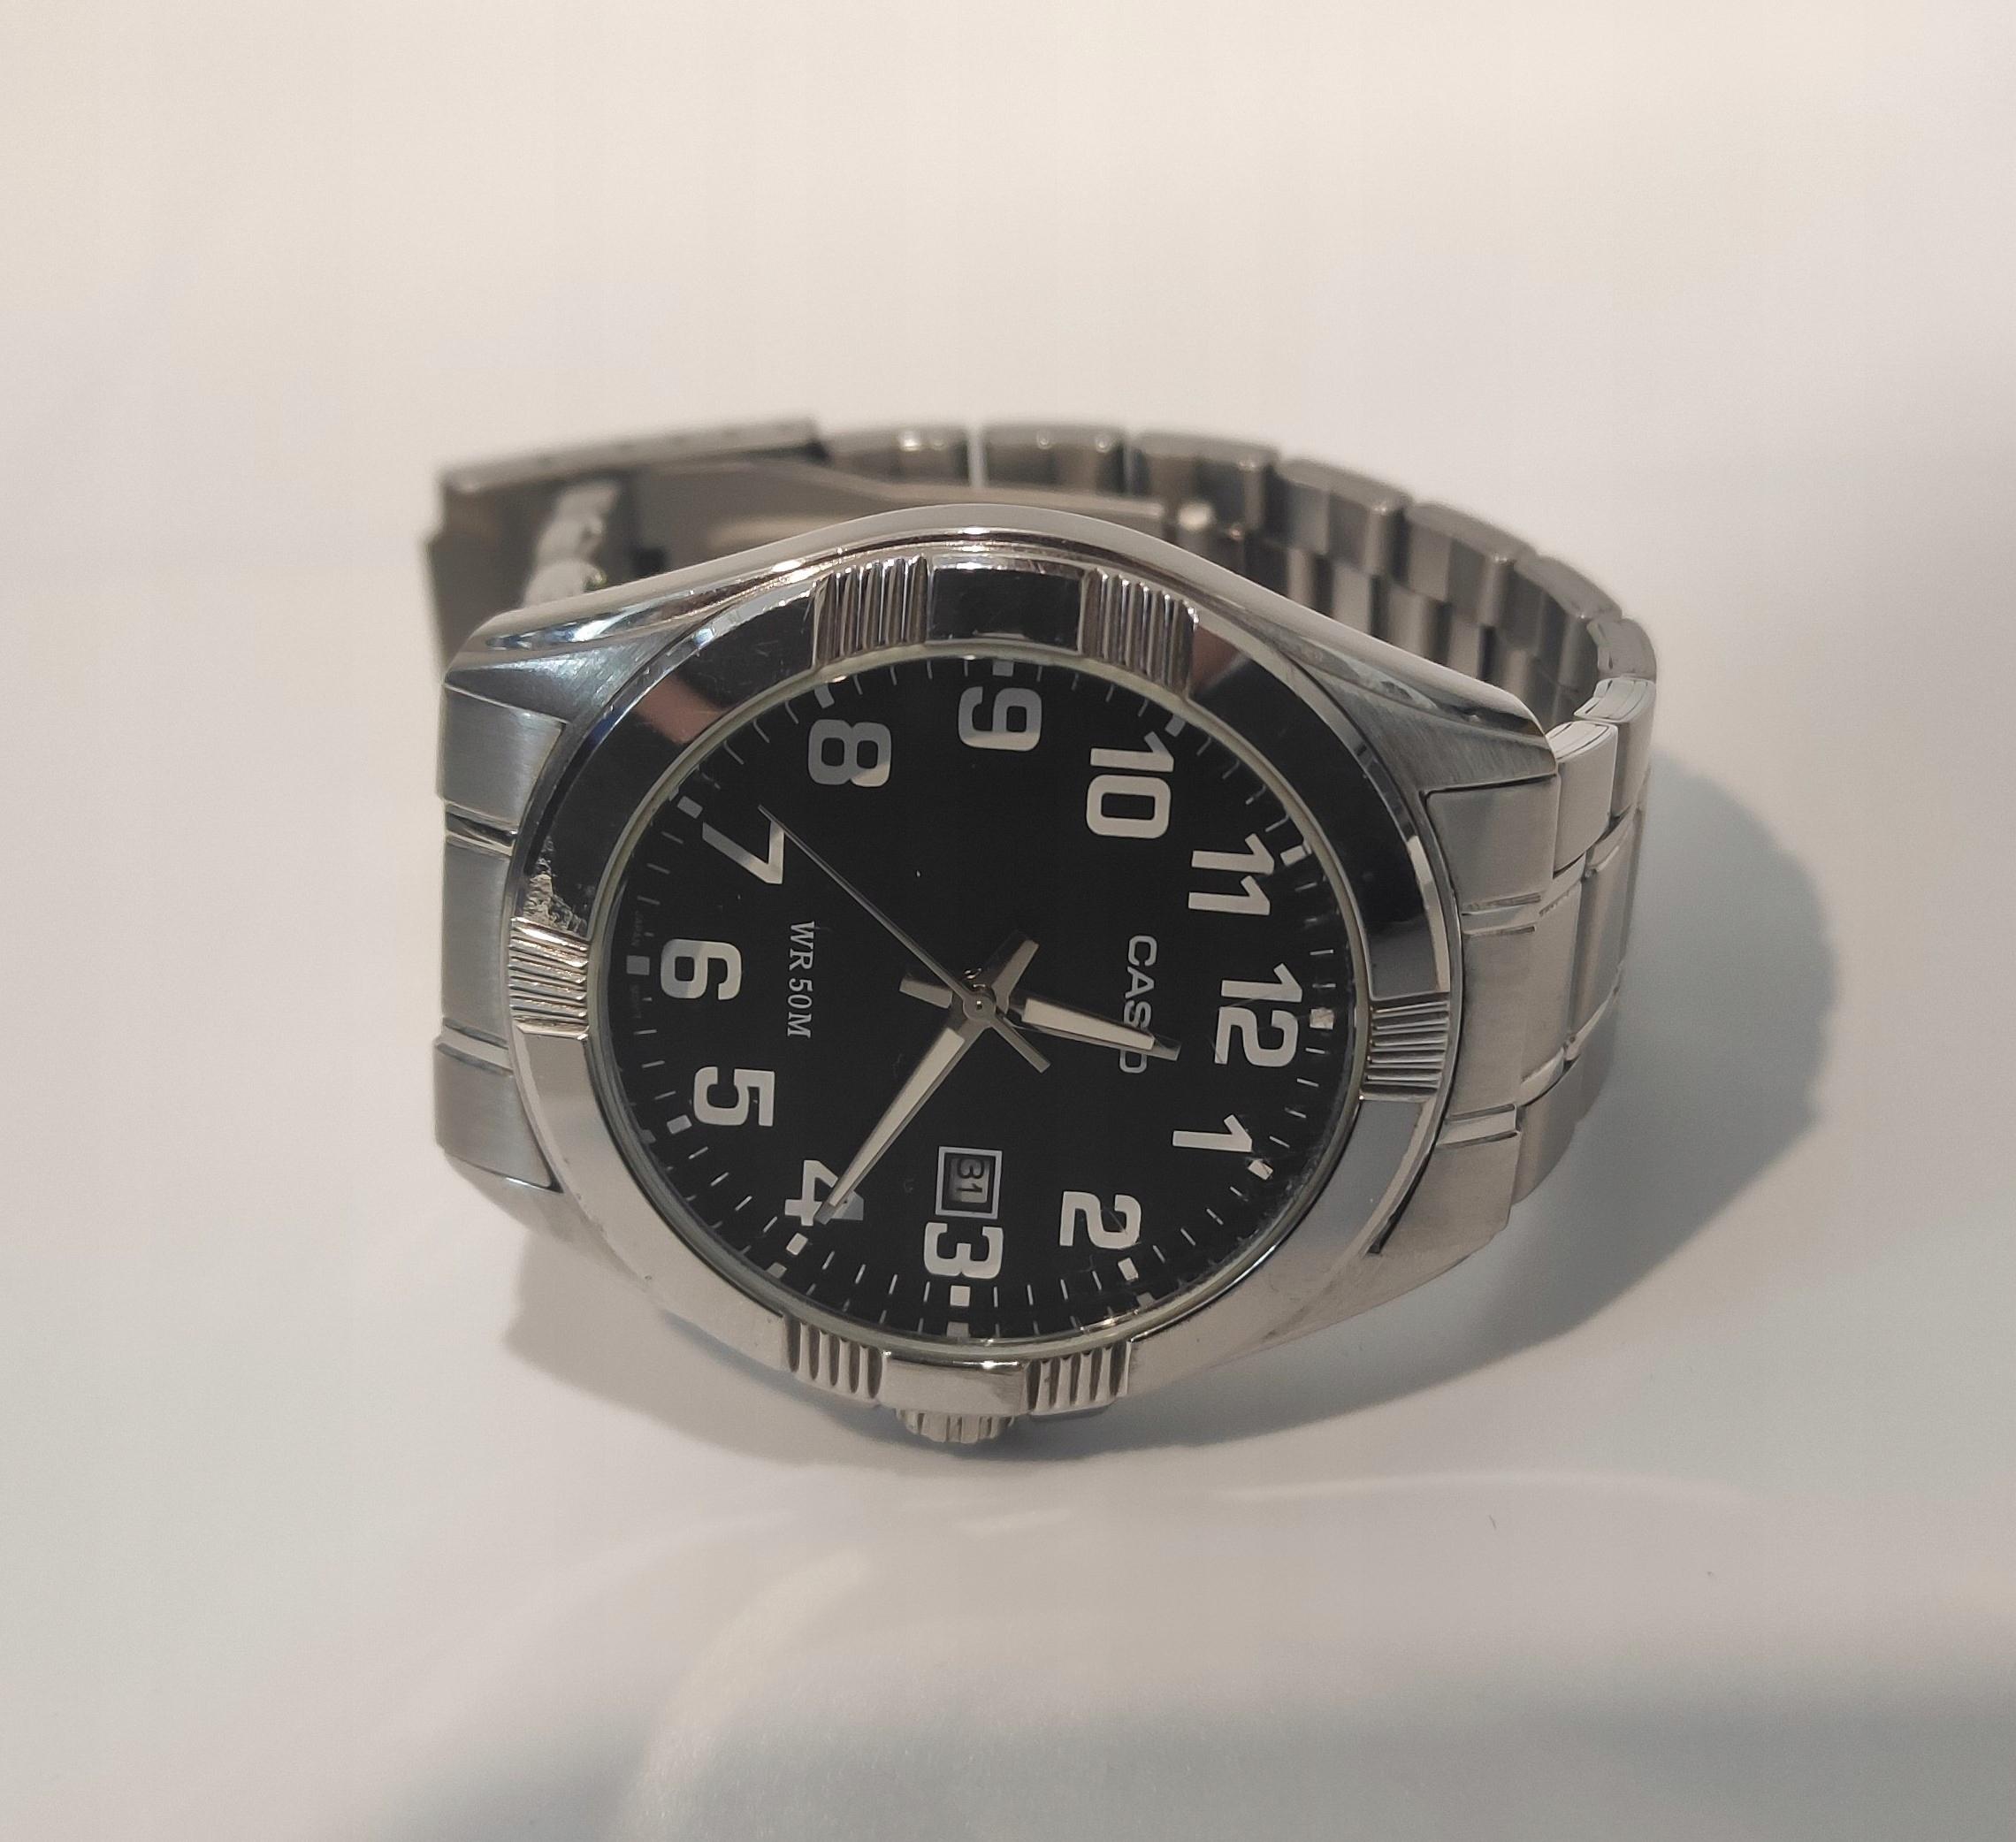 Zegarek męski Casio Japan Movt 2784 Typ naręczny